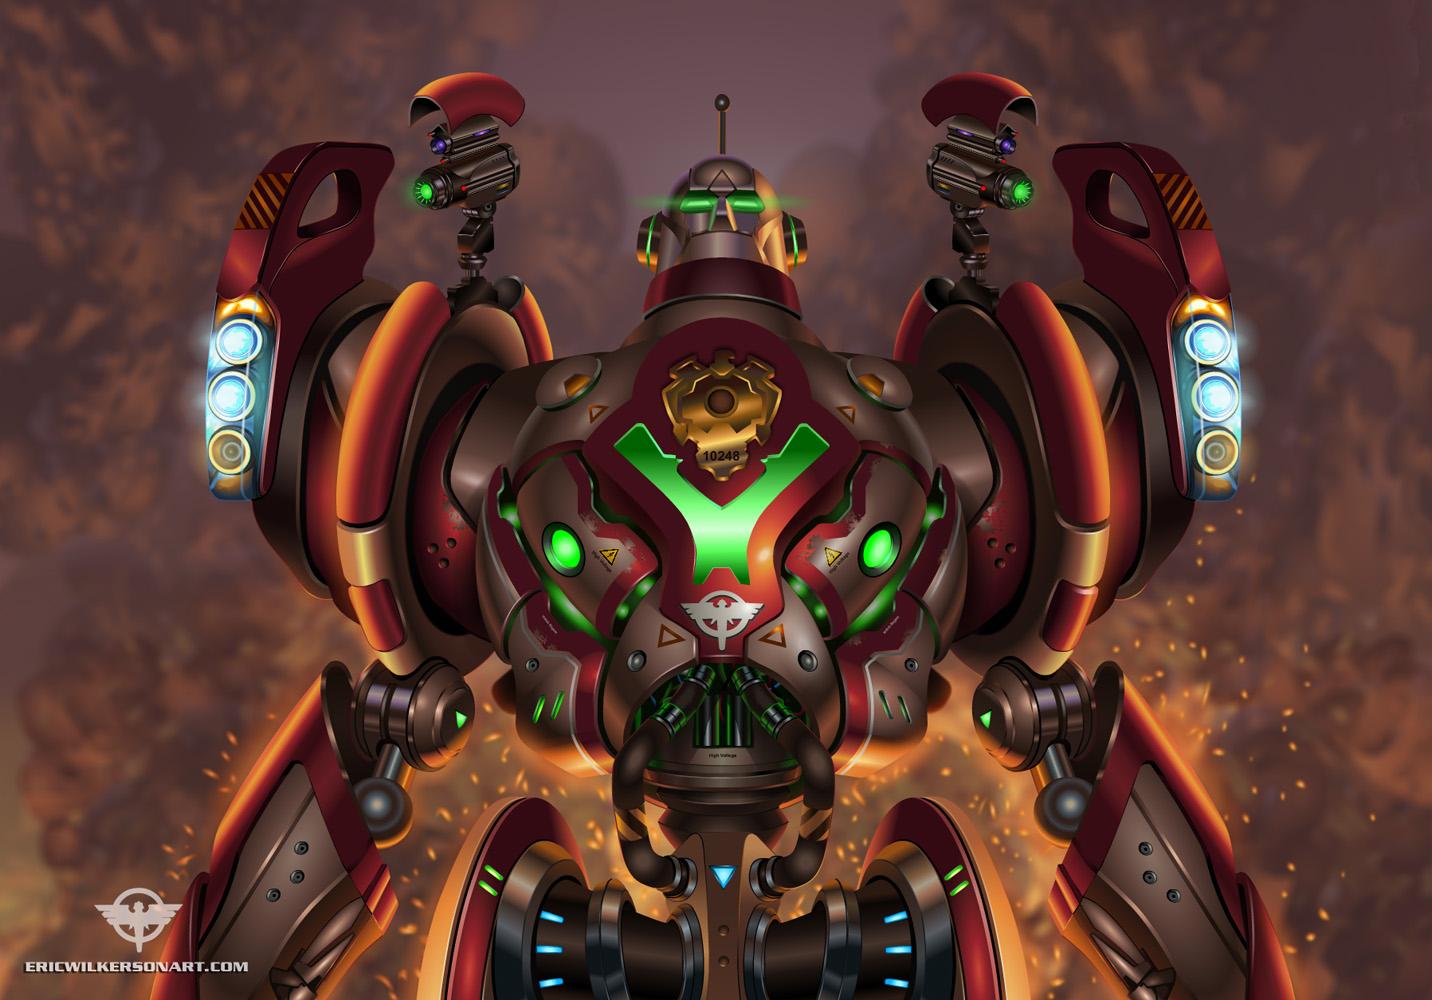 mascot-robot-cu-eric-wilkerson.jpg